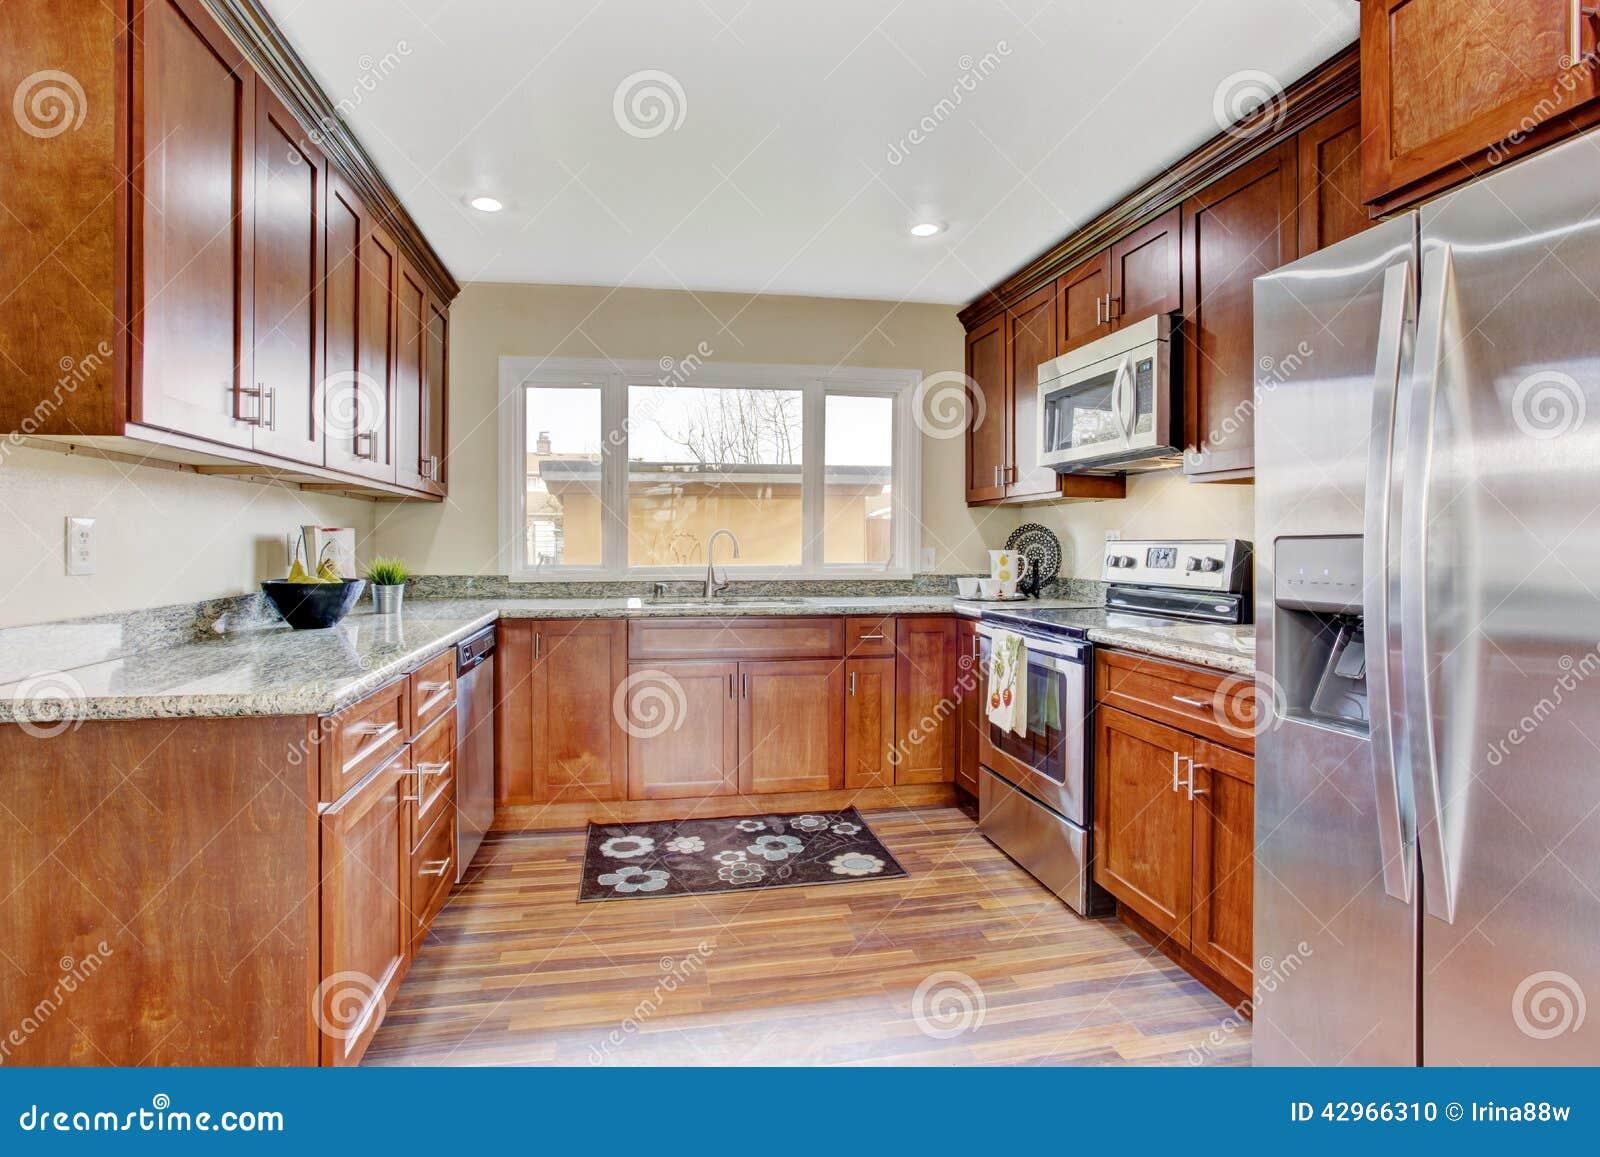 fenetre de cuisine plantes de cuisine conseils pratiques et astuces pour vous cuisine rideau. Black Bedroom Furniture Sets. Home Design Ideas